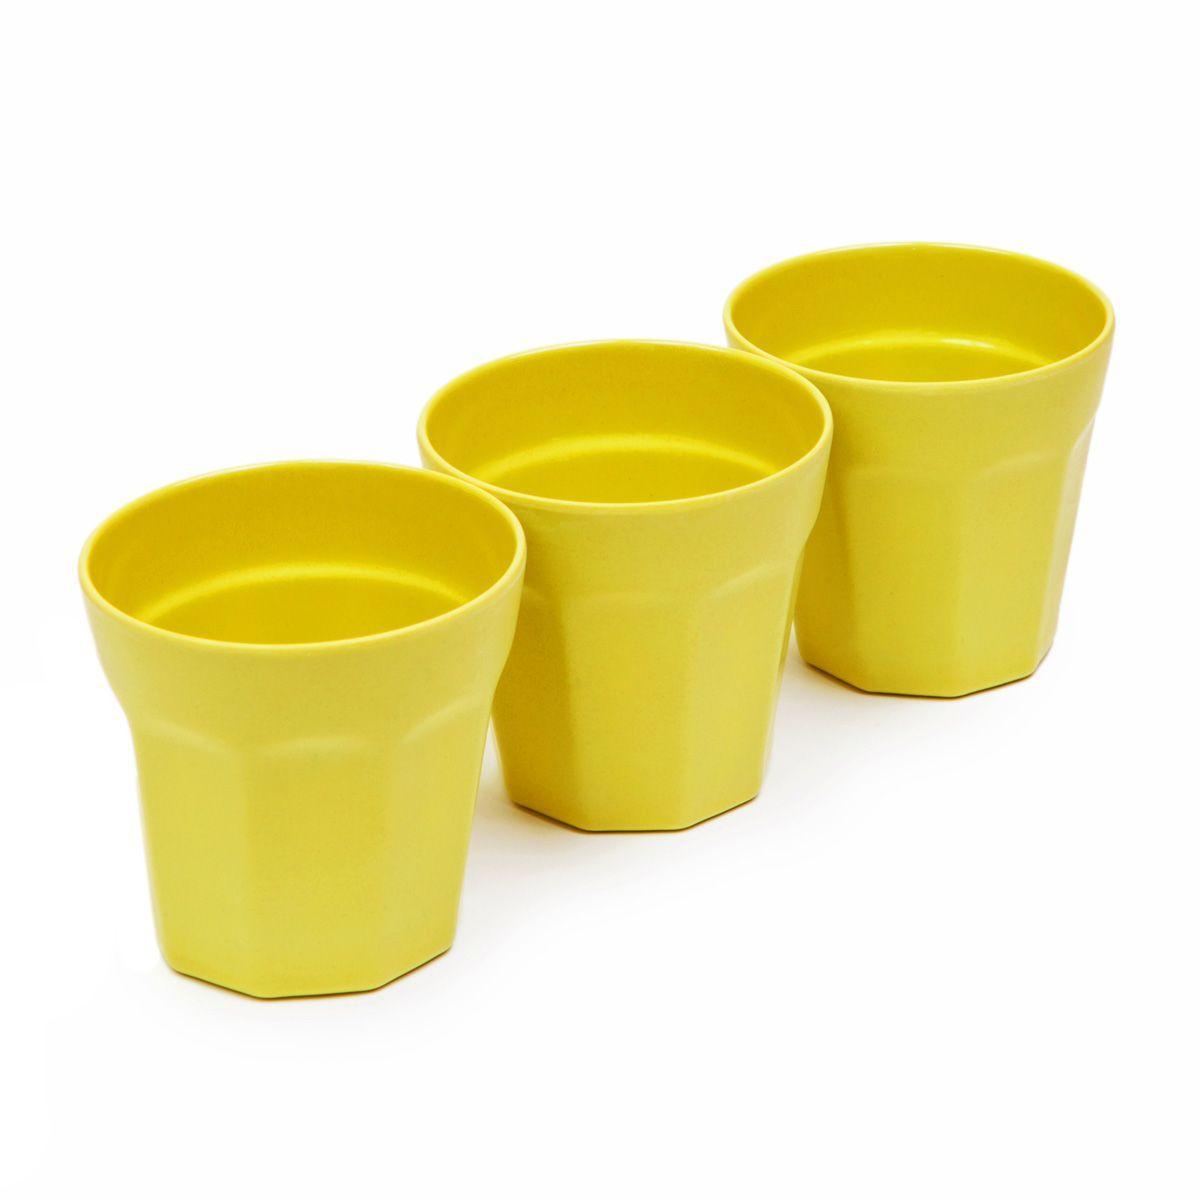 Набор стаканов MOULINvilla, цвет: зеленый, 3 штTSF-17-GНабор MoulinVilla состоит из трех стаканов. Предметы набора изготовлены из природного бамбука, очищенного от вредных примесей. Для окраски используются натуральные пищевые красители. Бамбук, сам по себе, является природным антисептиком. Эта уникальная особенность посуды гарантирует безопасность при эксплуатации и хранении различных видов пищевой продукции. Можно мыть в посудомоечной машине и в СВЧ-печах. Можно использовать для горячих и холодных продуктов (диапазон температур: от -20°С до 120°С). Диаметр стакана по верхнему краю: 8,7 см. Высота стенки стакана: 8,9 см.